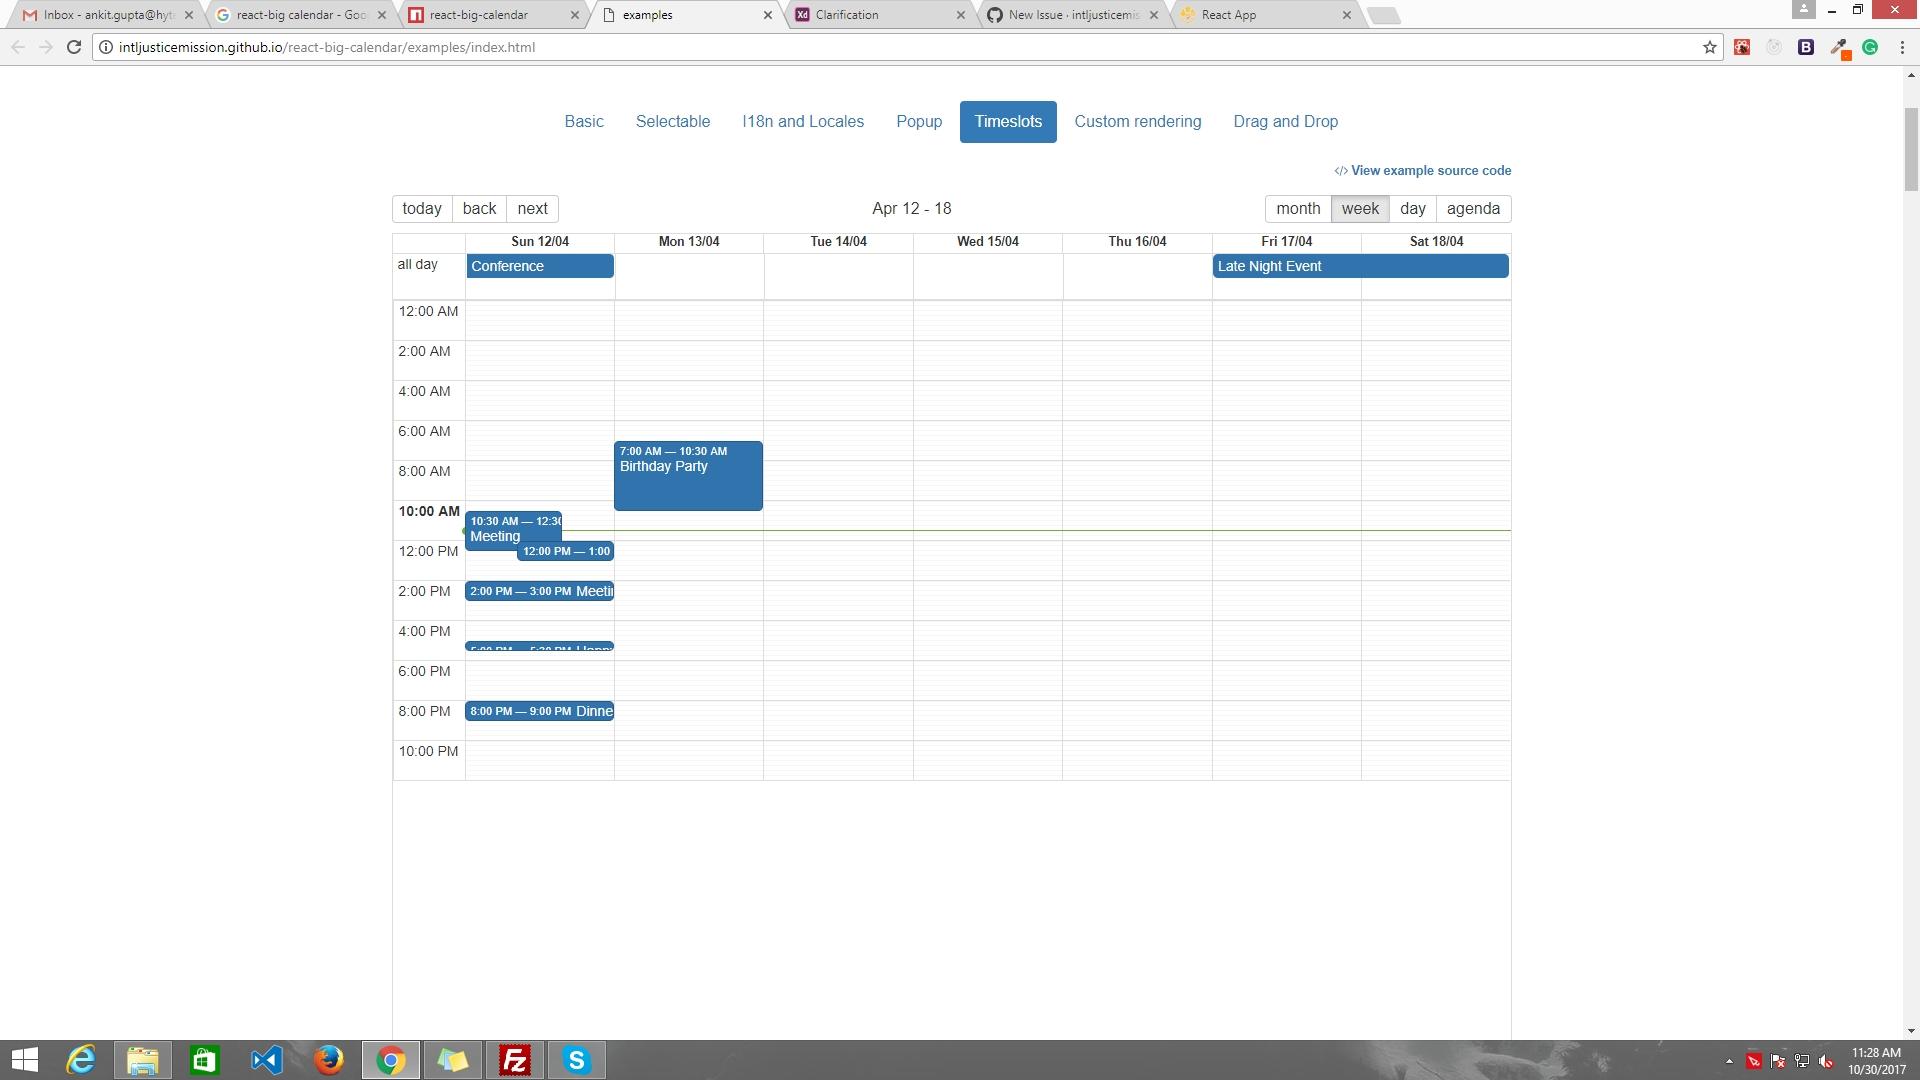 Week View Customization · Issue #601 · Jquense/react-Big